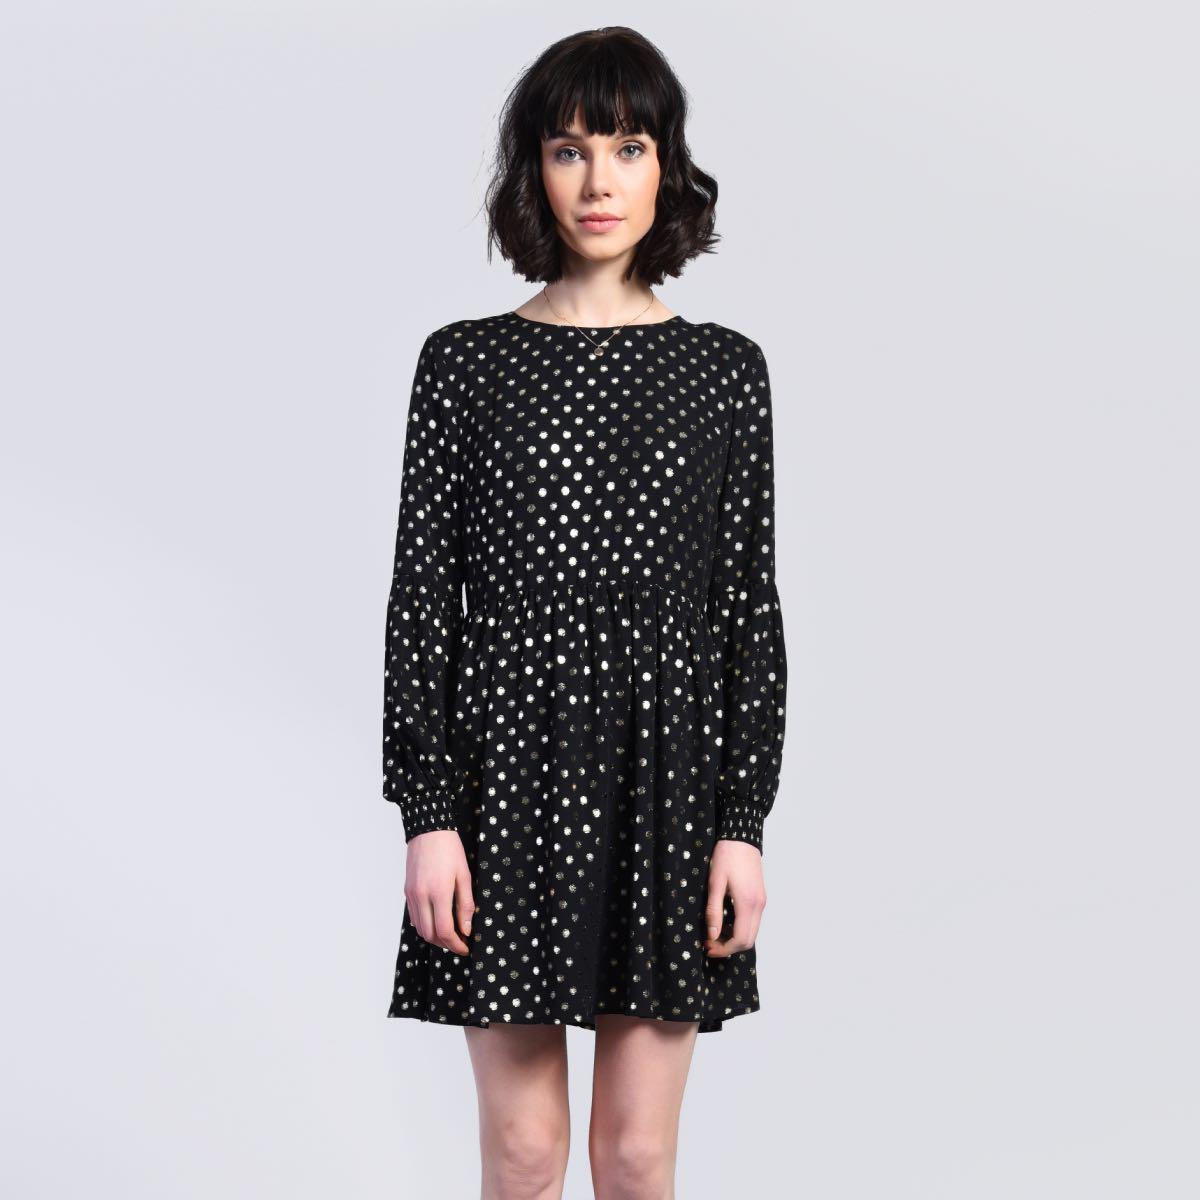 d2fb08175f73 Černé šaty se zlatými puntíky – XS